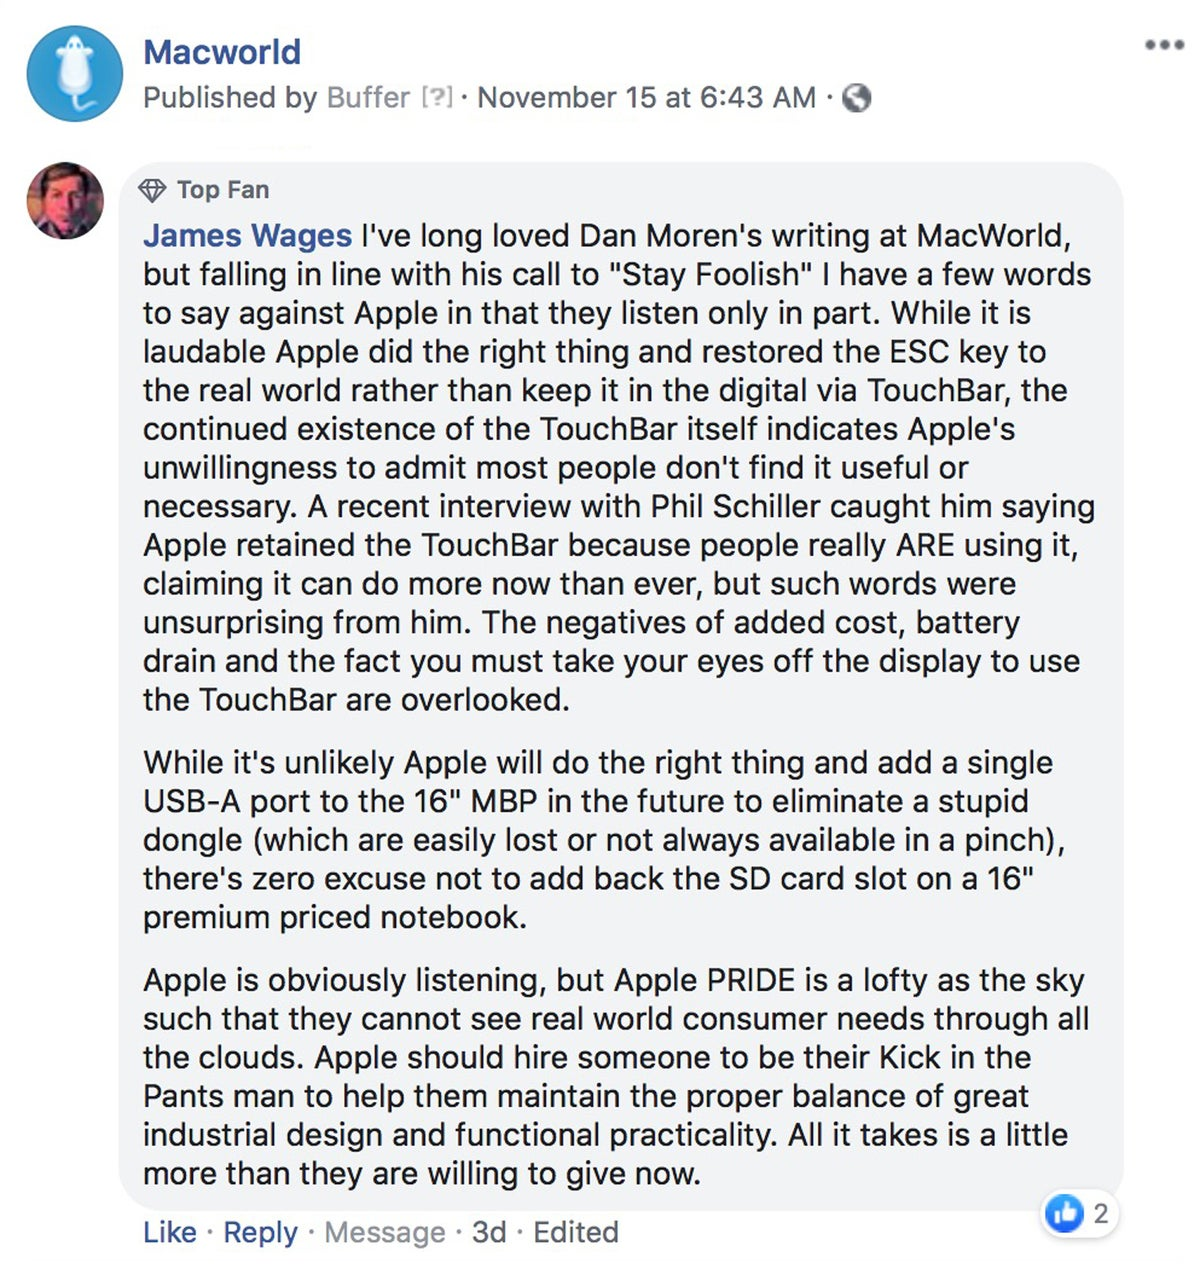 macworld podcast 676 wages